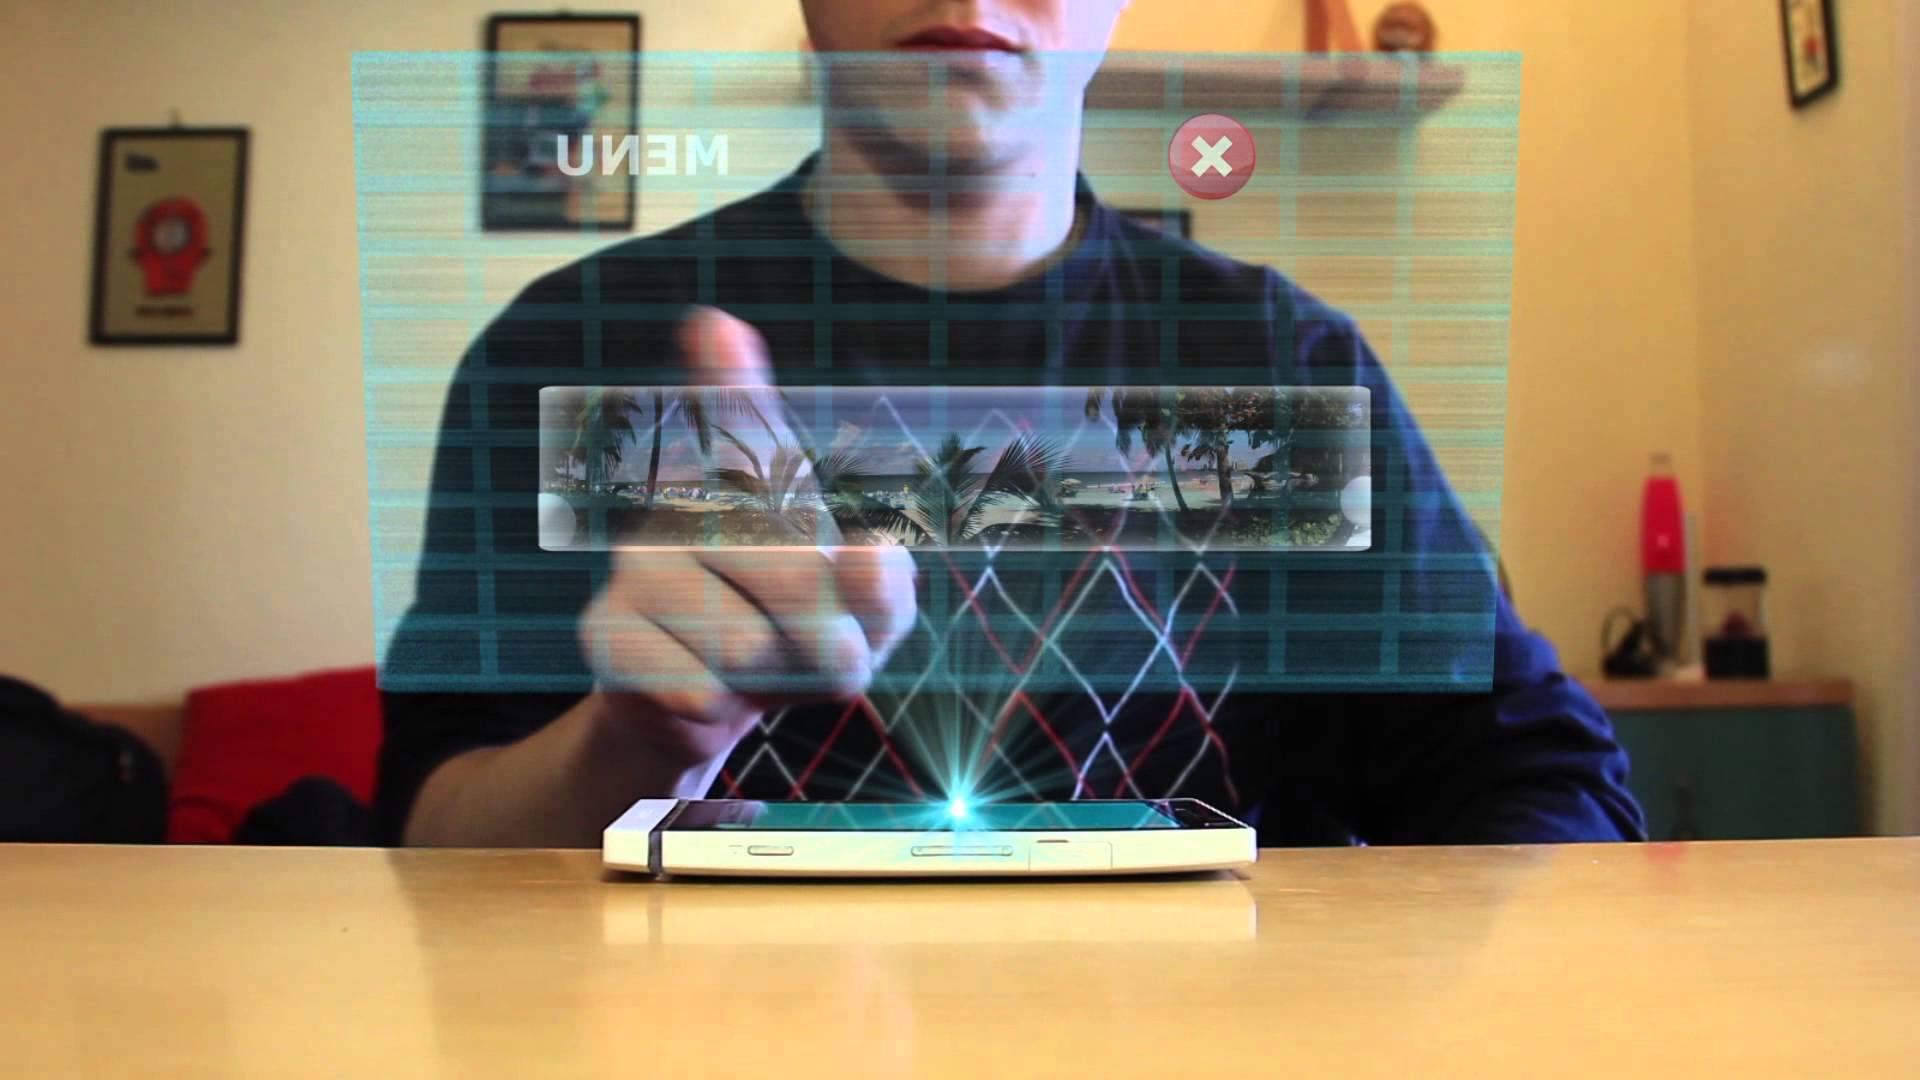 Un celular Android con pantalla holográfica